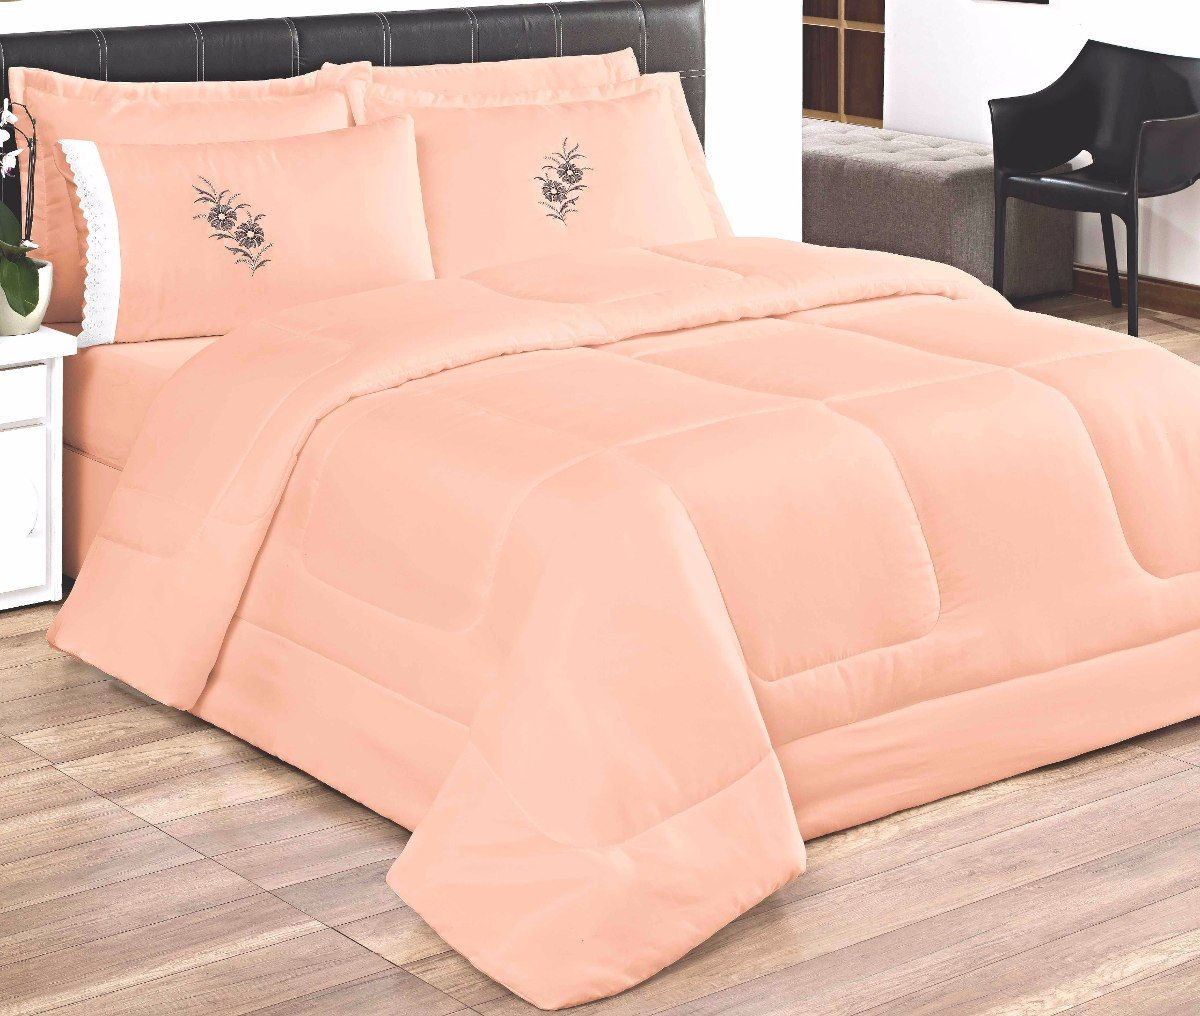 Cobre Leito Casal Queen Kit Conforto + 1 Lençol de Elástico  - 6 PÇS -Rosa Salmão